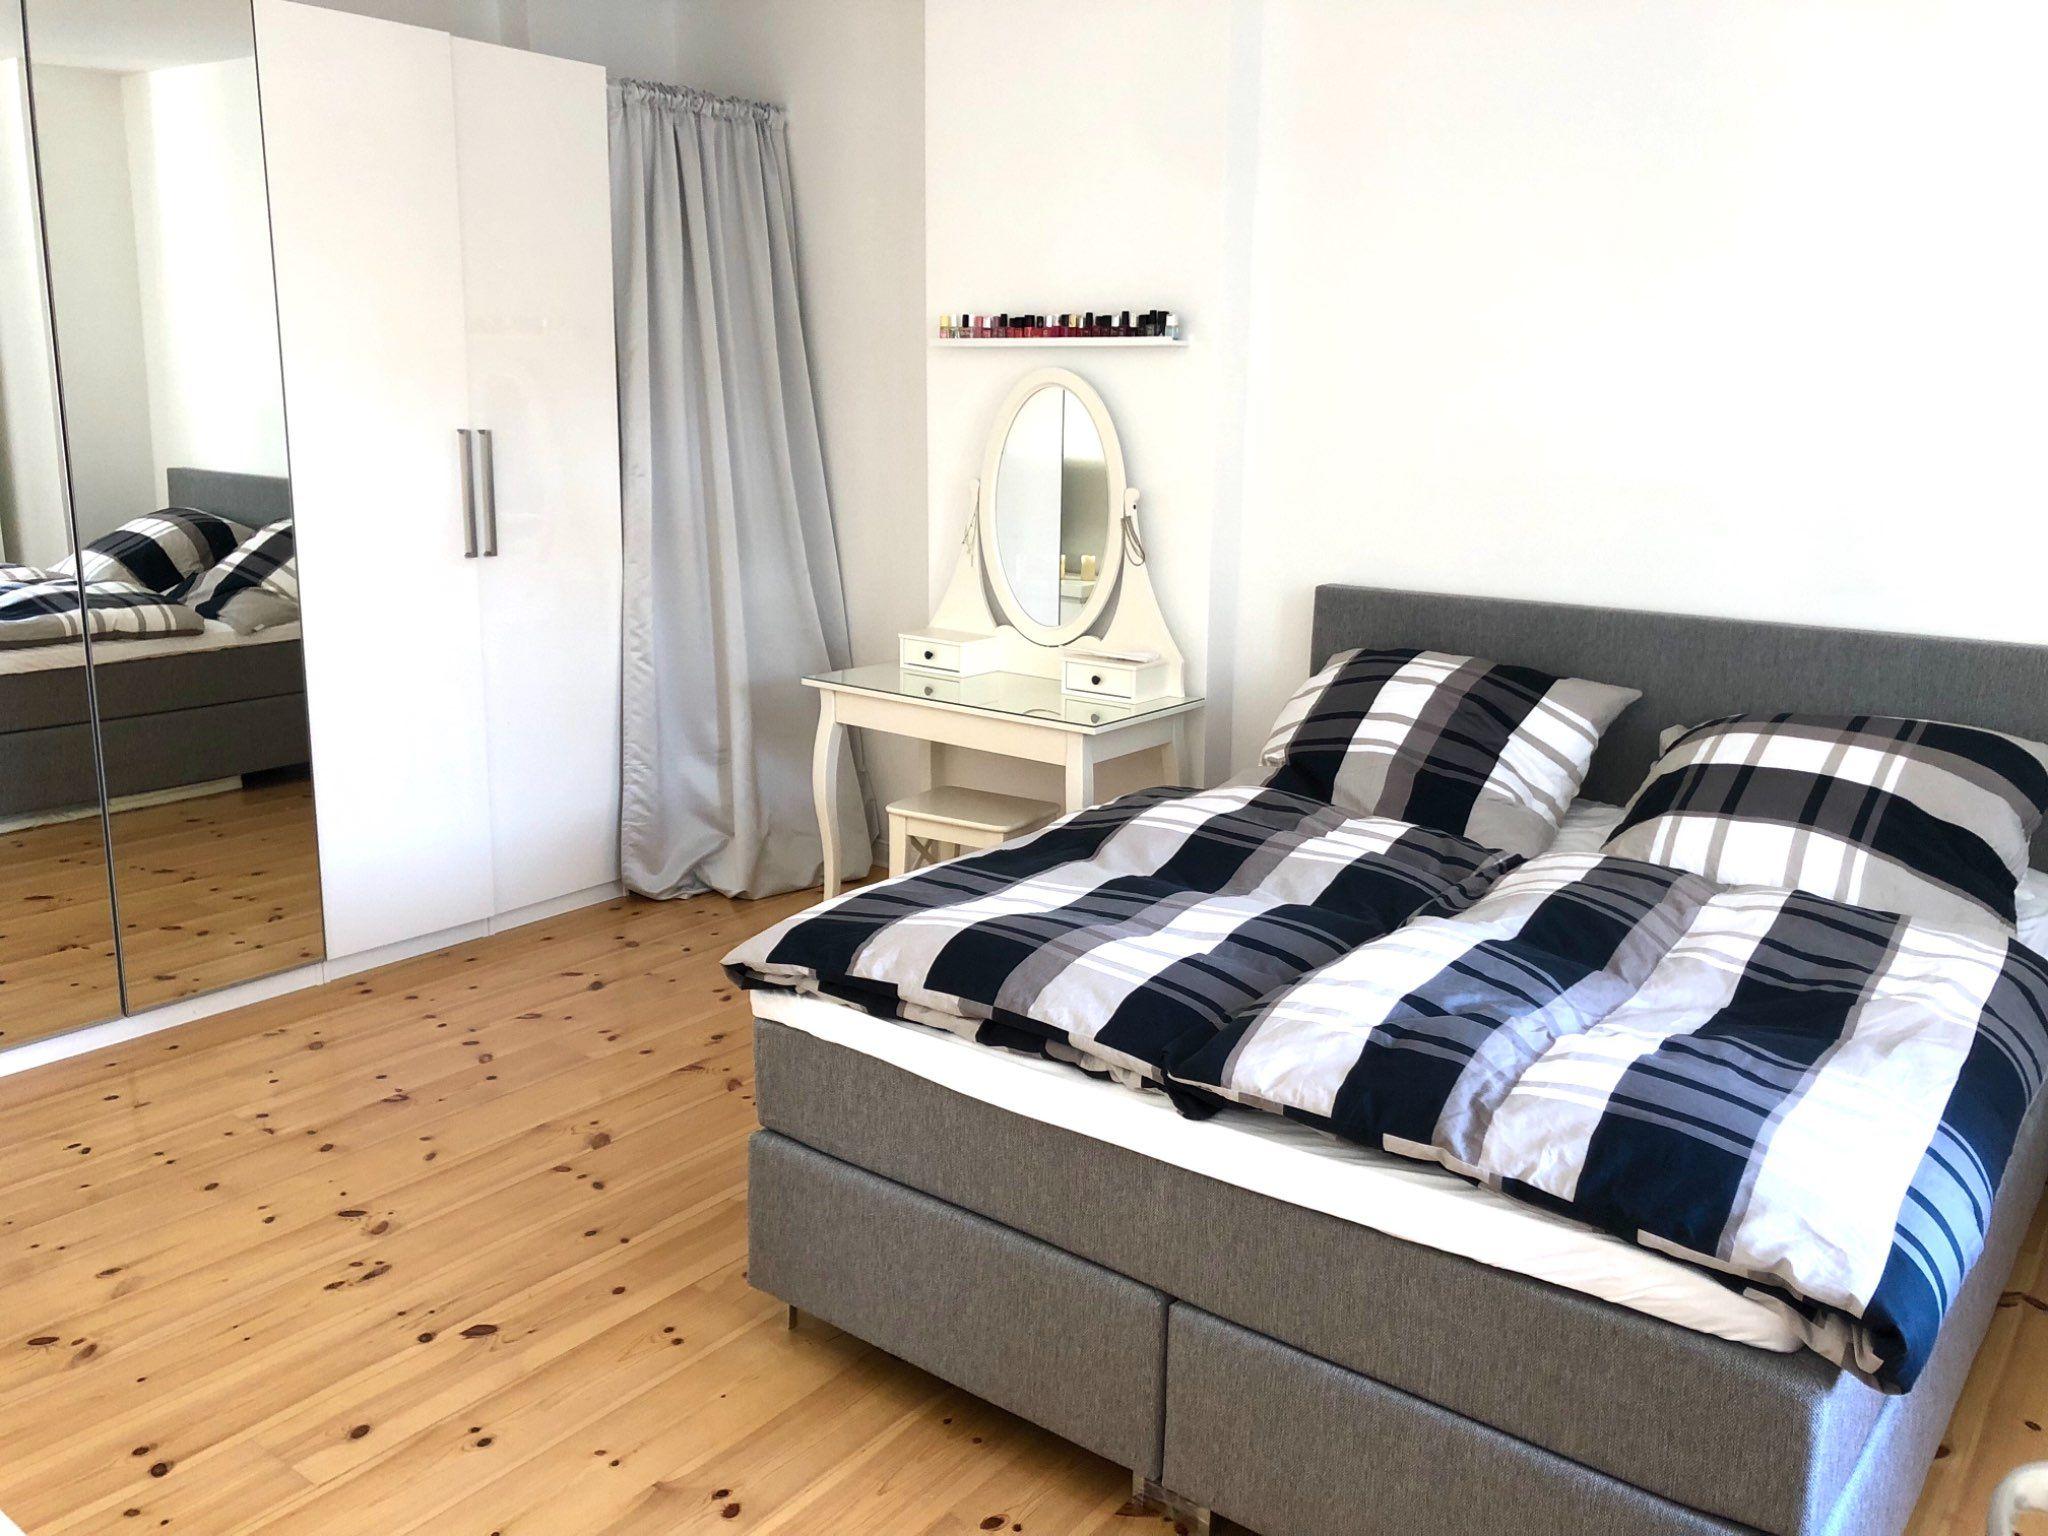 In diesem Boxspringbett im schönen Schlafzimmer in #Berlin ...